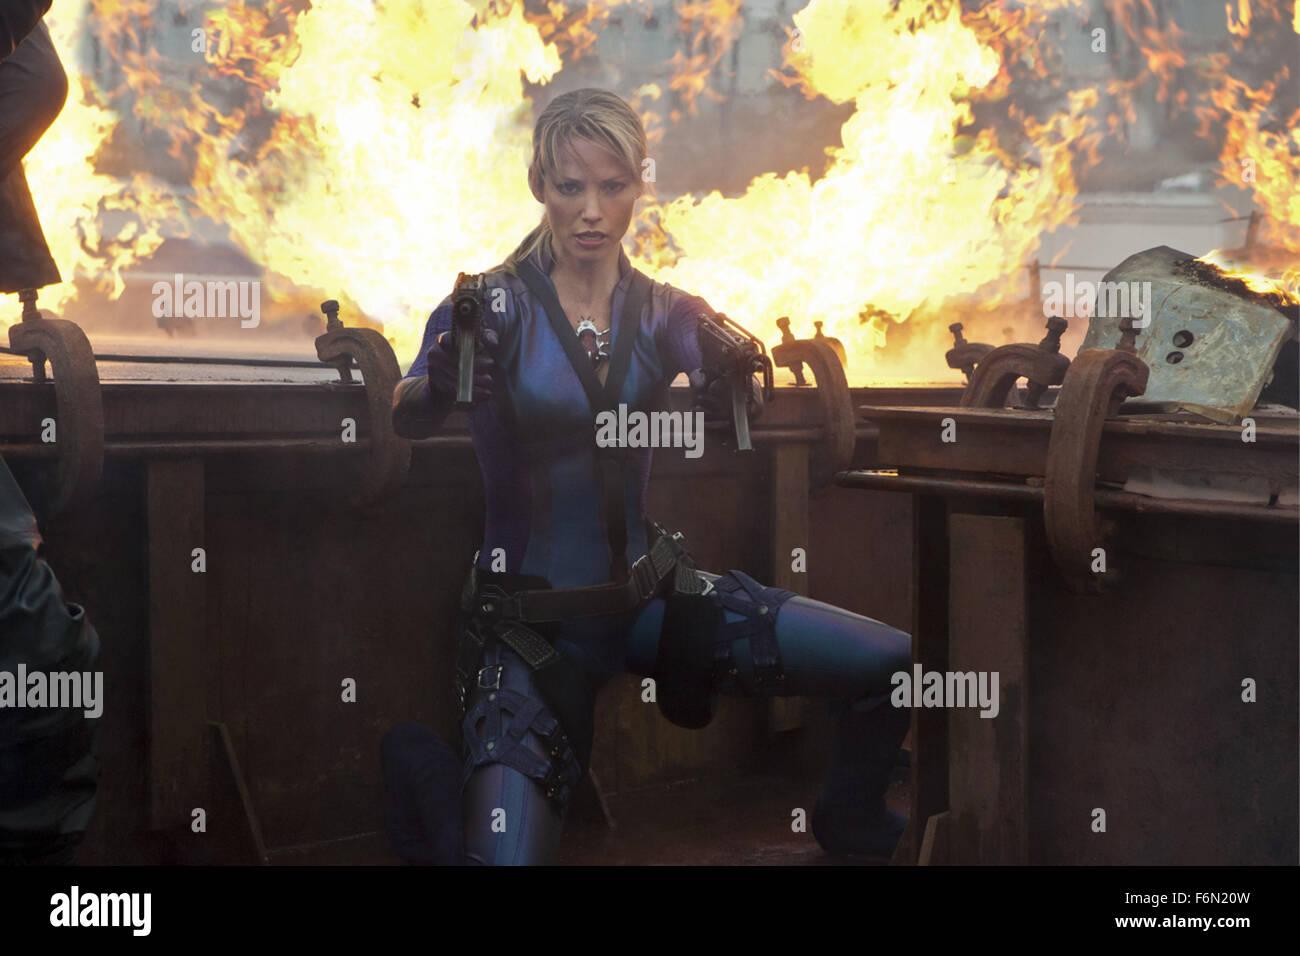 Release Date September 14 2012 Title Resident Evil Retribution